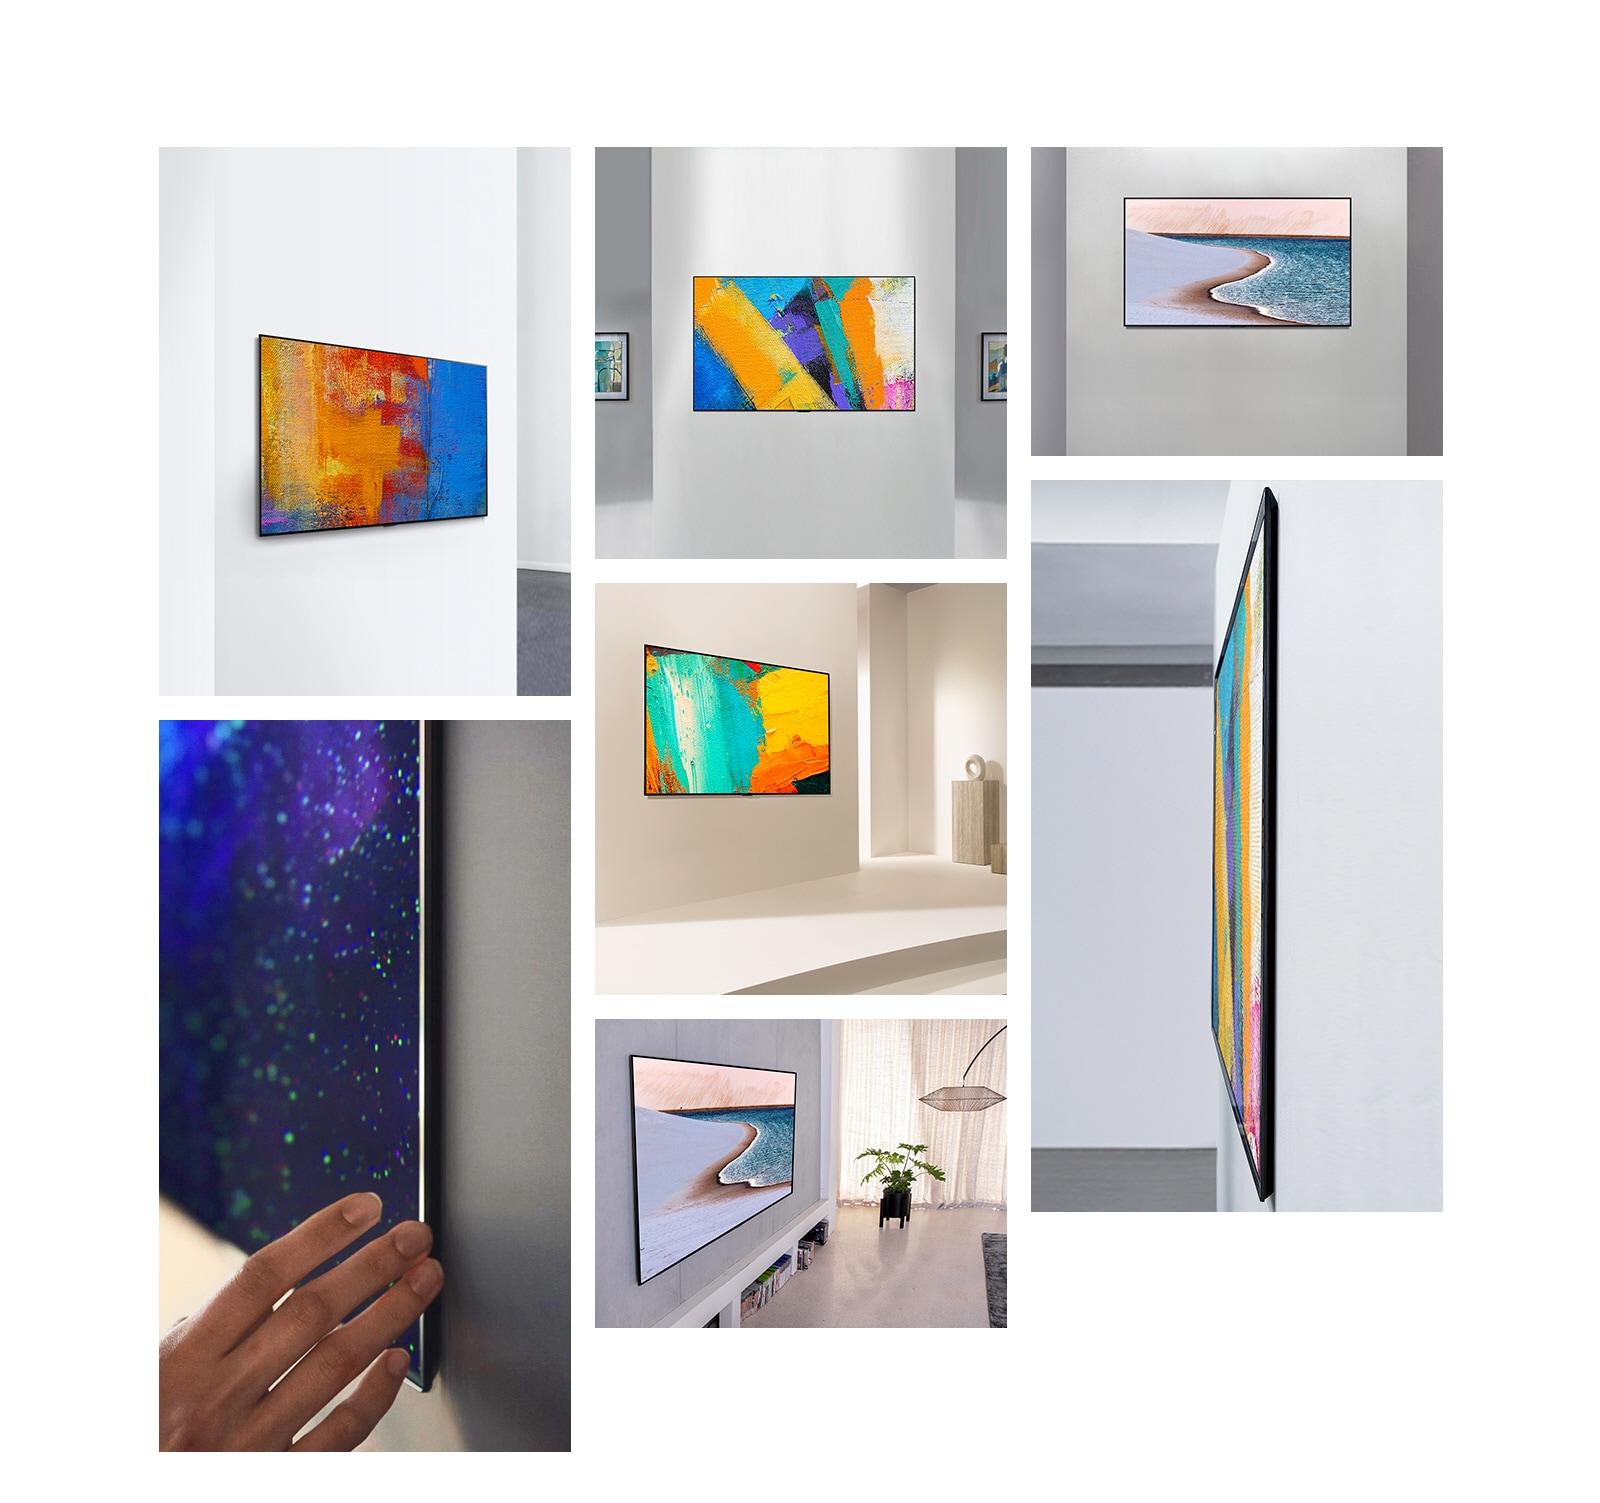 LG Gallery Design Вид сбоку телевизора, который эстетически выступает из стены, как произведение искусства. LG Gallery Design Вид спереди телевизора, который эстетически выступает из стены, как произведение искусства. Вид спереди телевизора LG Gallery Design, который хорошо гармонирует со стеной, изображая пляжный образ. LG Gallery Design Телевизор крупным планом, который хорошо гармонирует со стеной, демонстрируя изображение галактики. LG Gallery Design Вид сбоку телевизора, который хорошо гармонирует со стеной, изображающей произведение искусства. LG Gallery Design Вид сбоку телевизора, который хорошо гармонирует со стеной, изображающей произведение искусства.LG Gallery Design Вид сбоку на телевизор, который хорошо гармонирует со стеной, изображая пляжный образ.